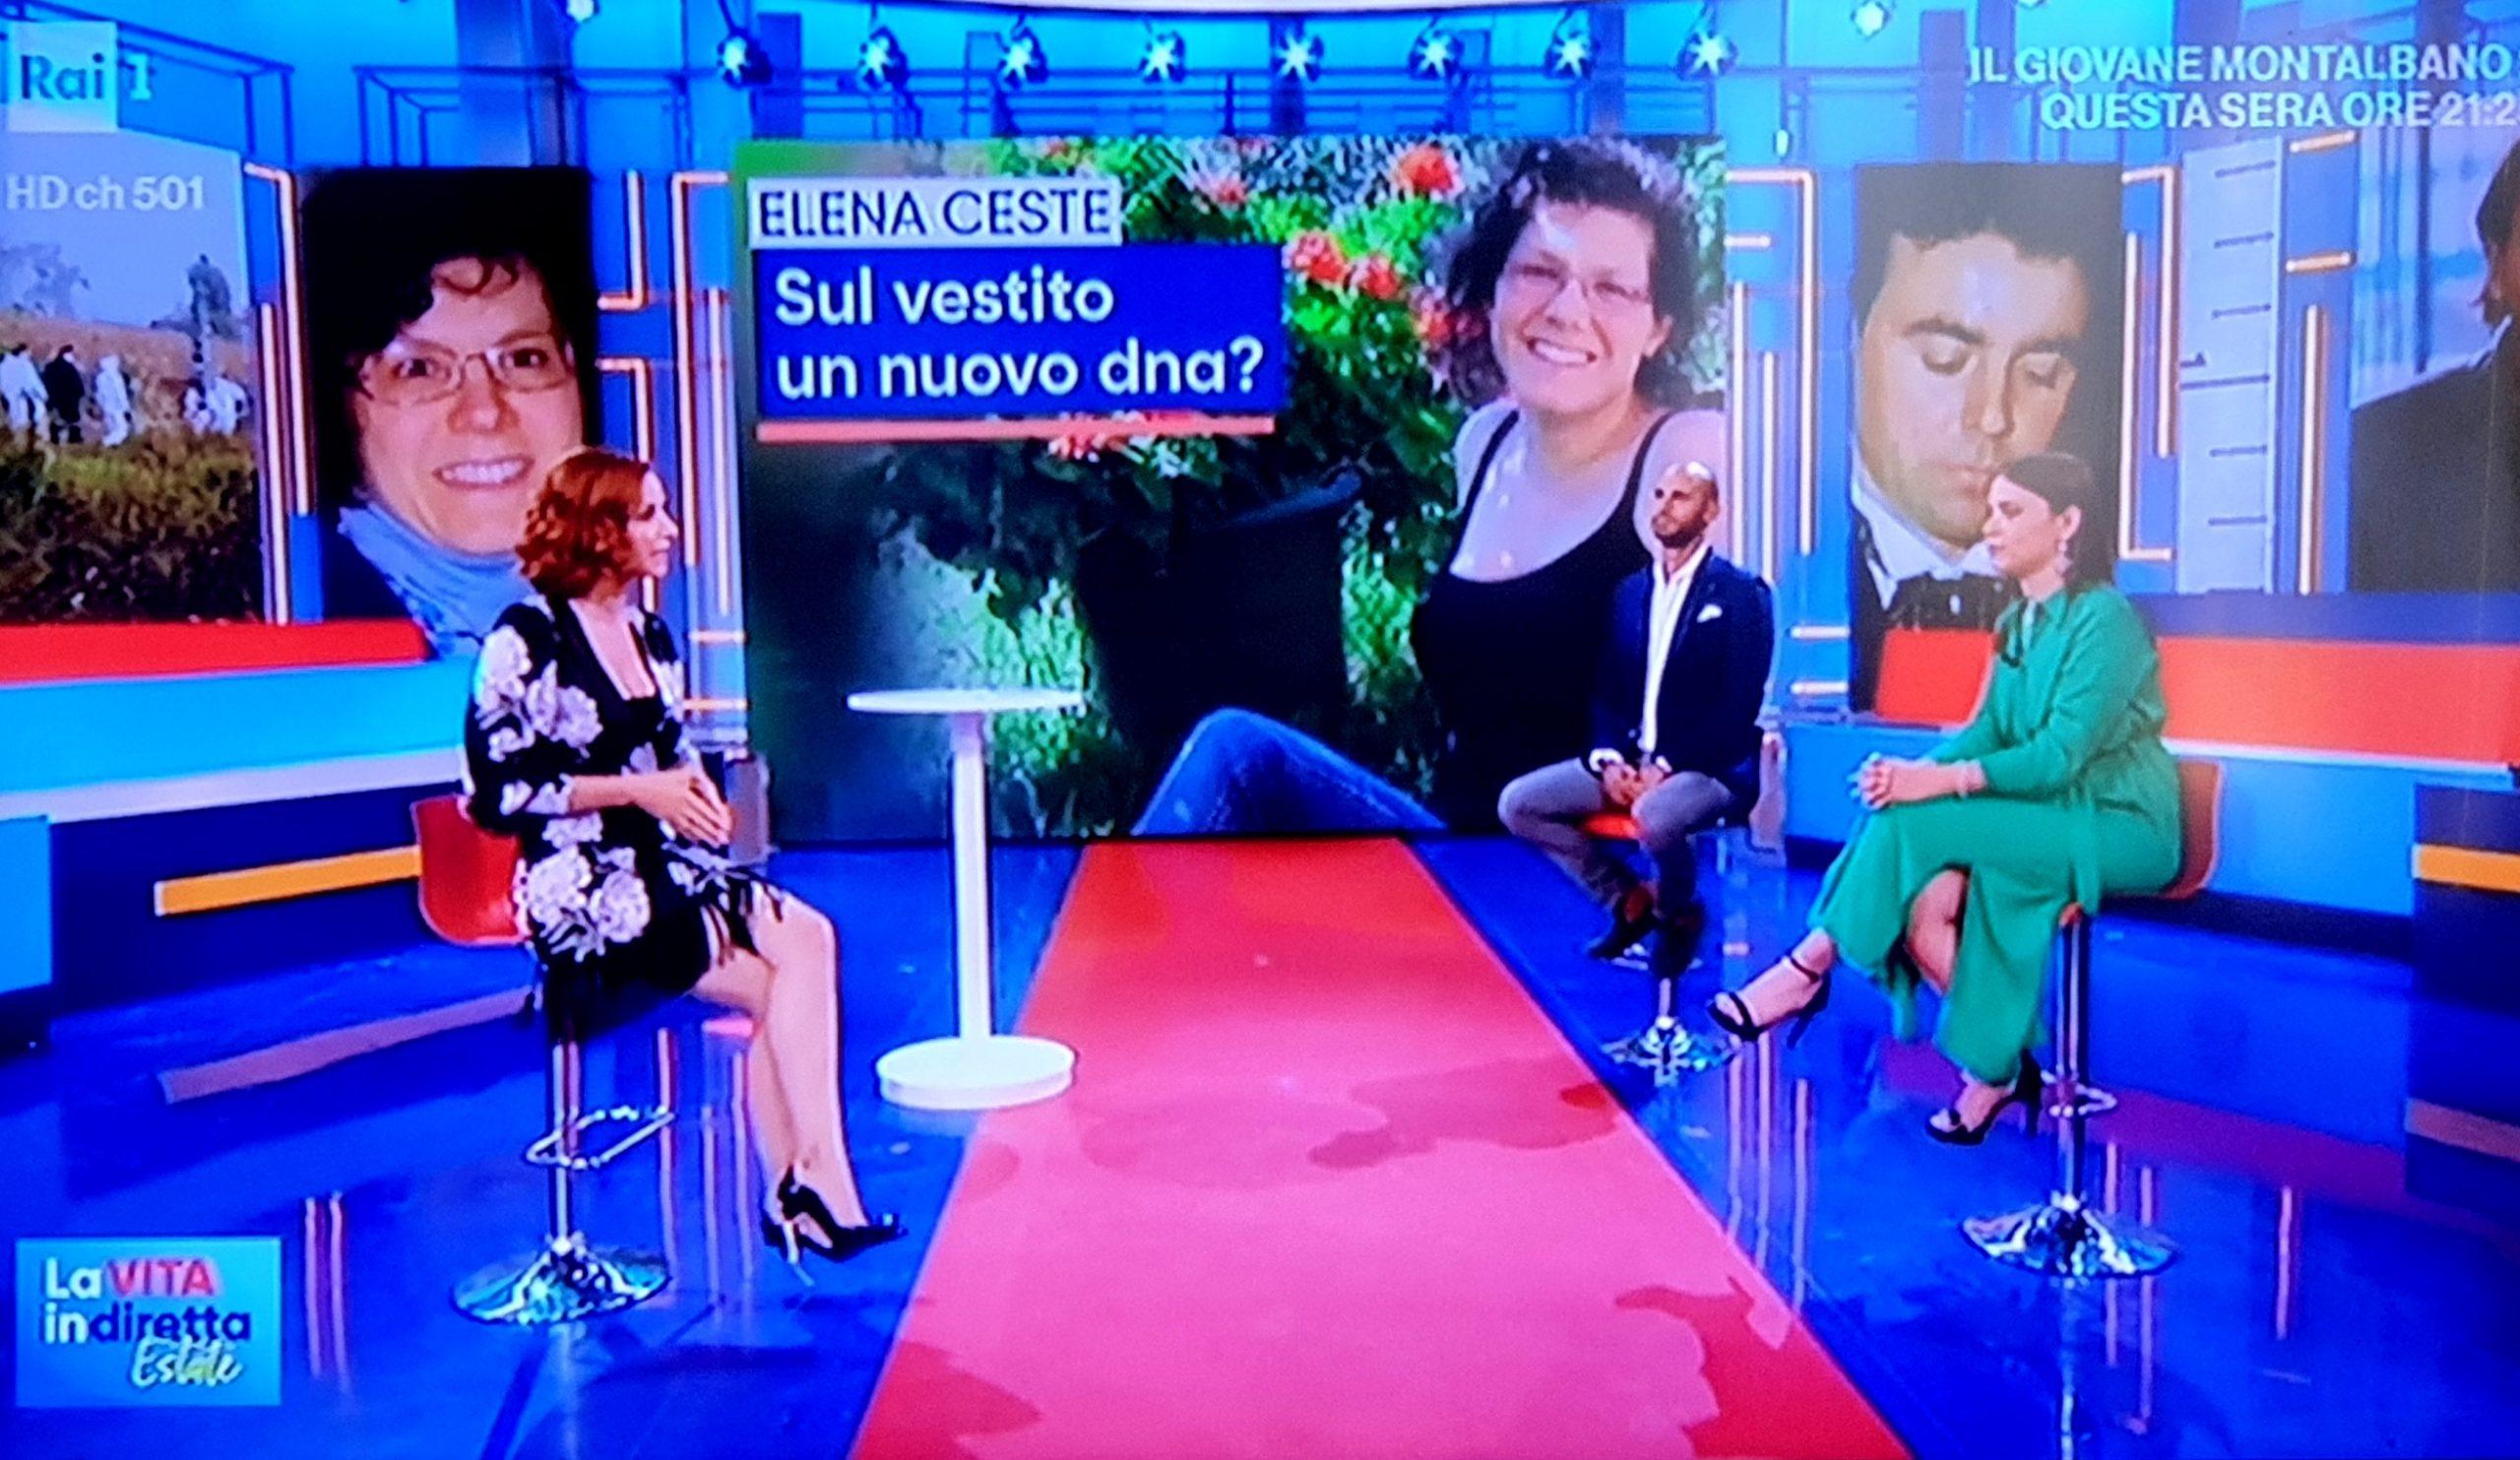 michele-buoninconti-amanti-elena-ceste